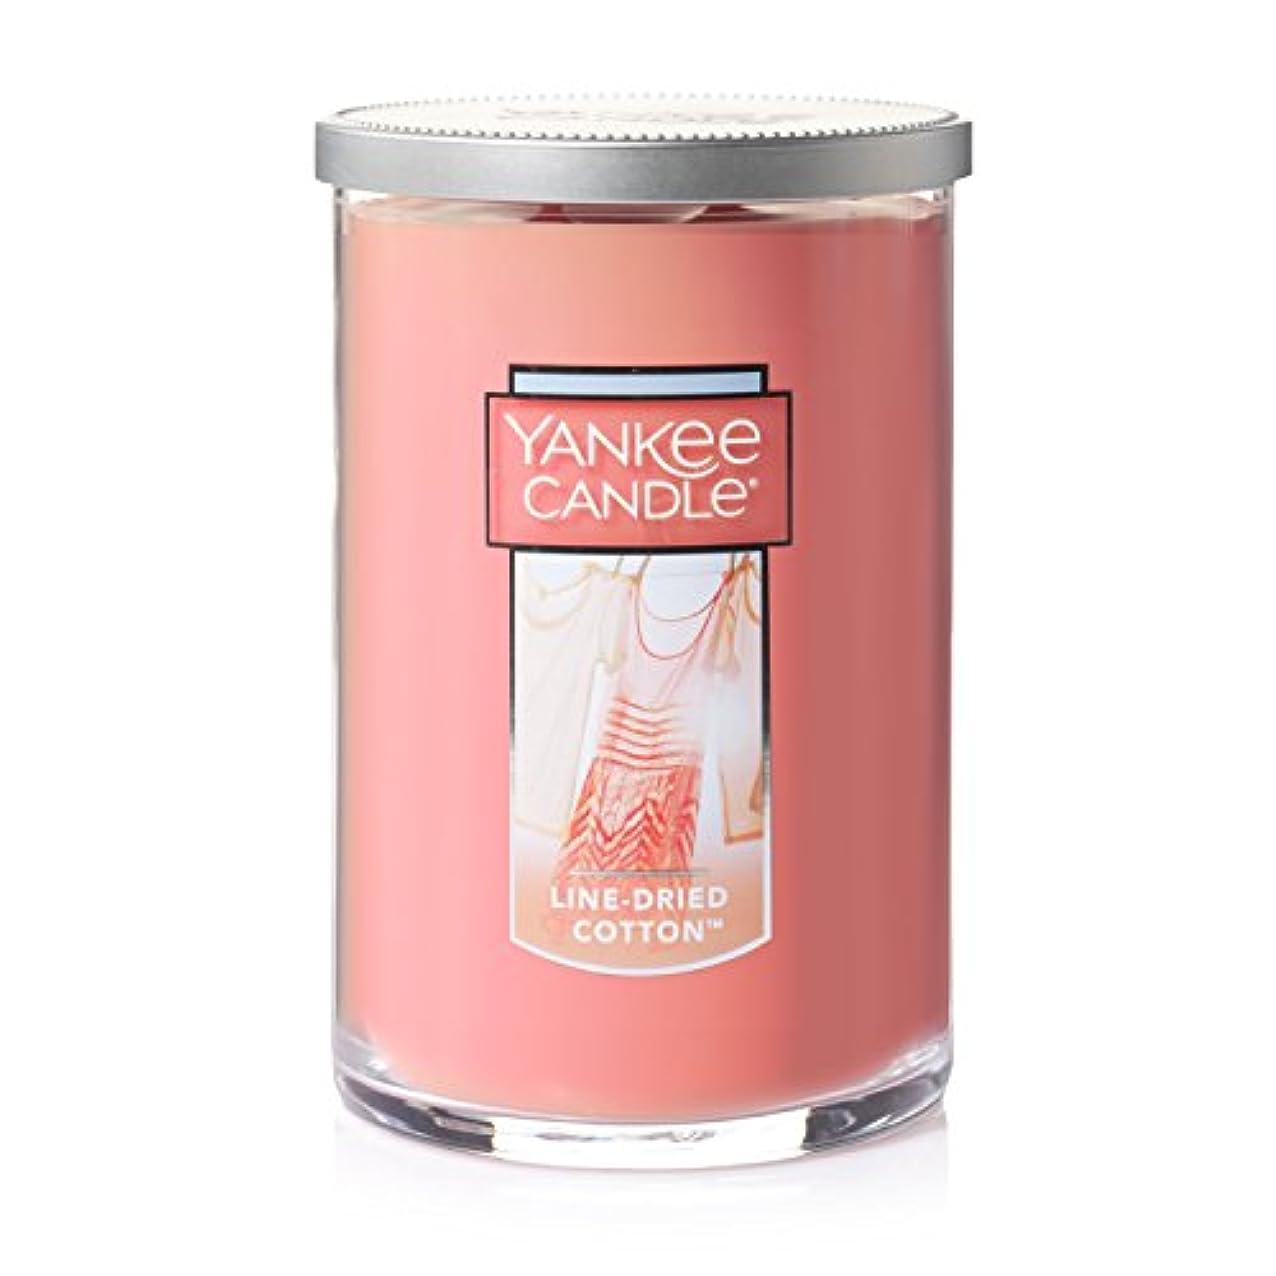 フクロウ油エリートYankee Candle Jar Candle、line-driedコットン Large 2-Wick Tumbler Candle ピンク 1351643